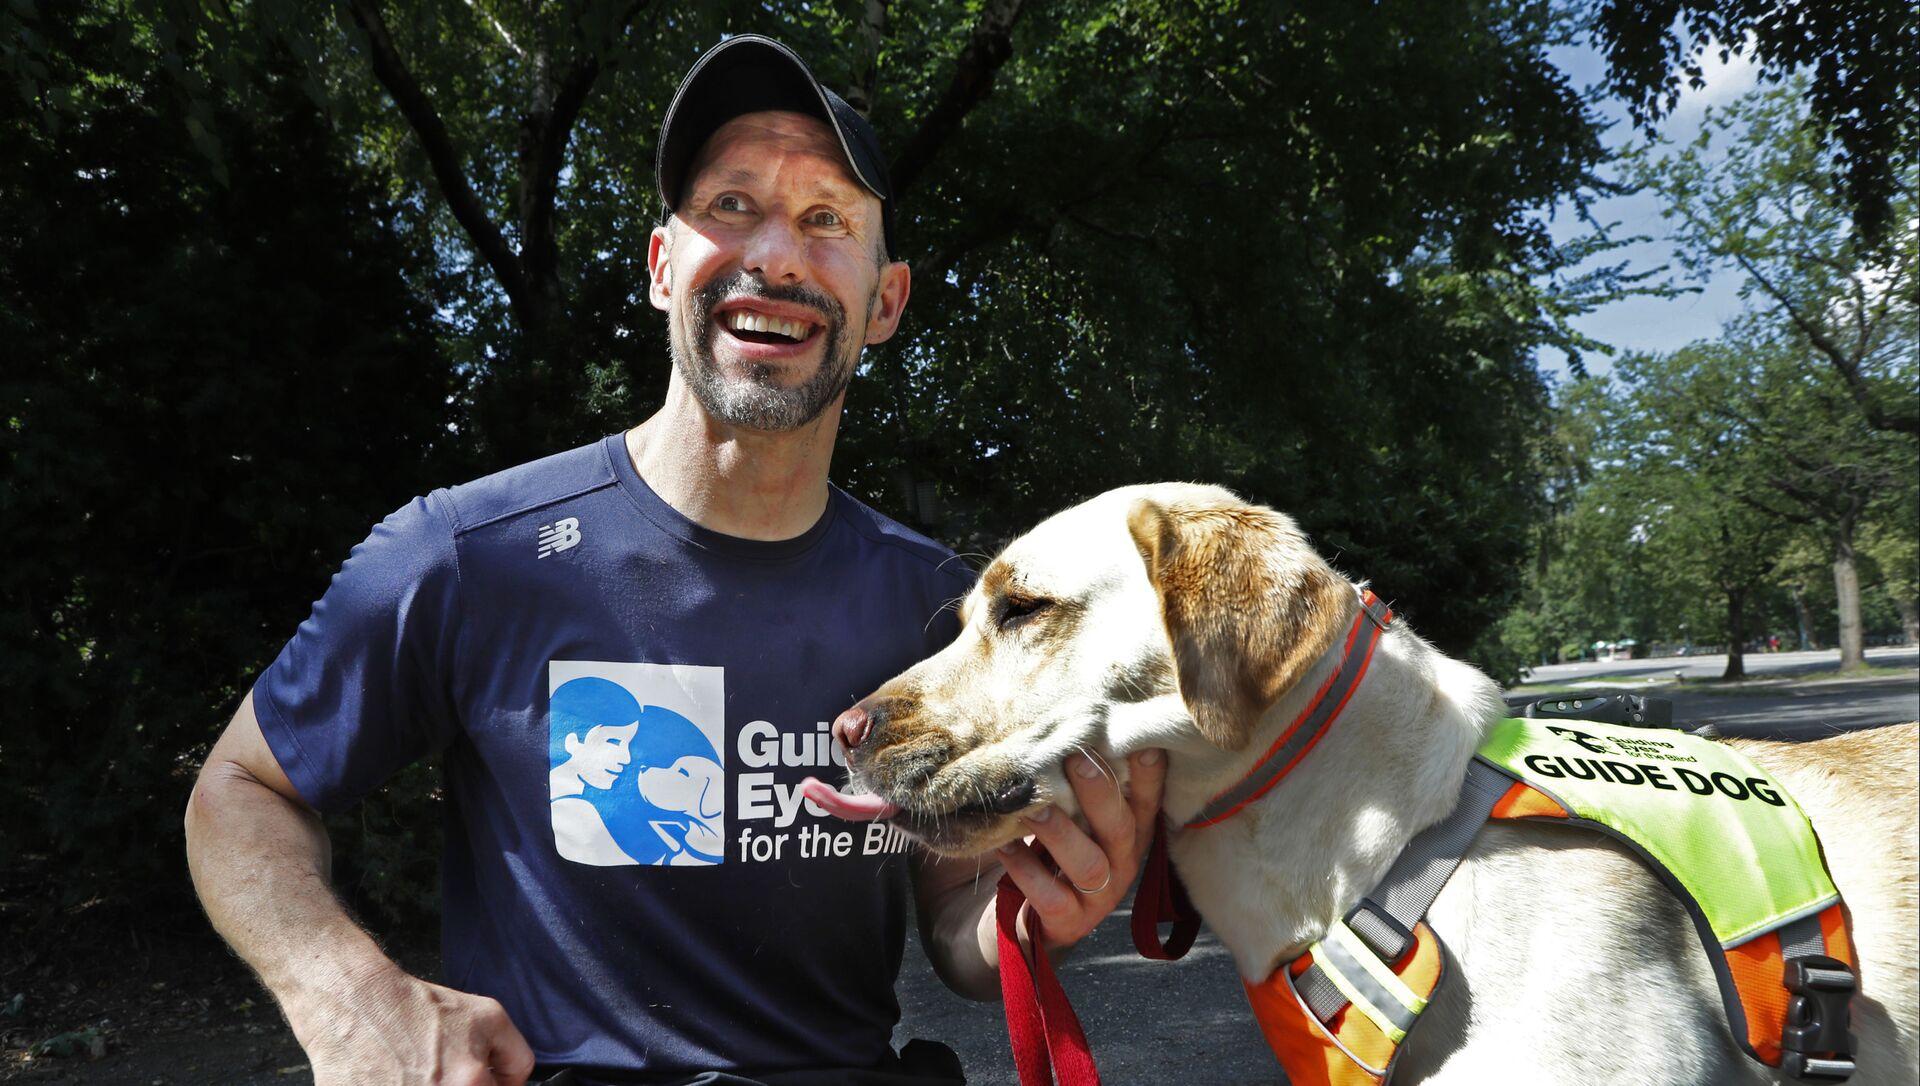 Κλίνγκερ: Ο πρώτος πιστοποιημένος σκύλος οδηγός τρεξίματος - Sputnik Ελλάδα, 1920, 19.02.2021